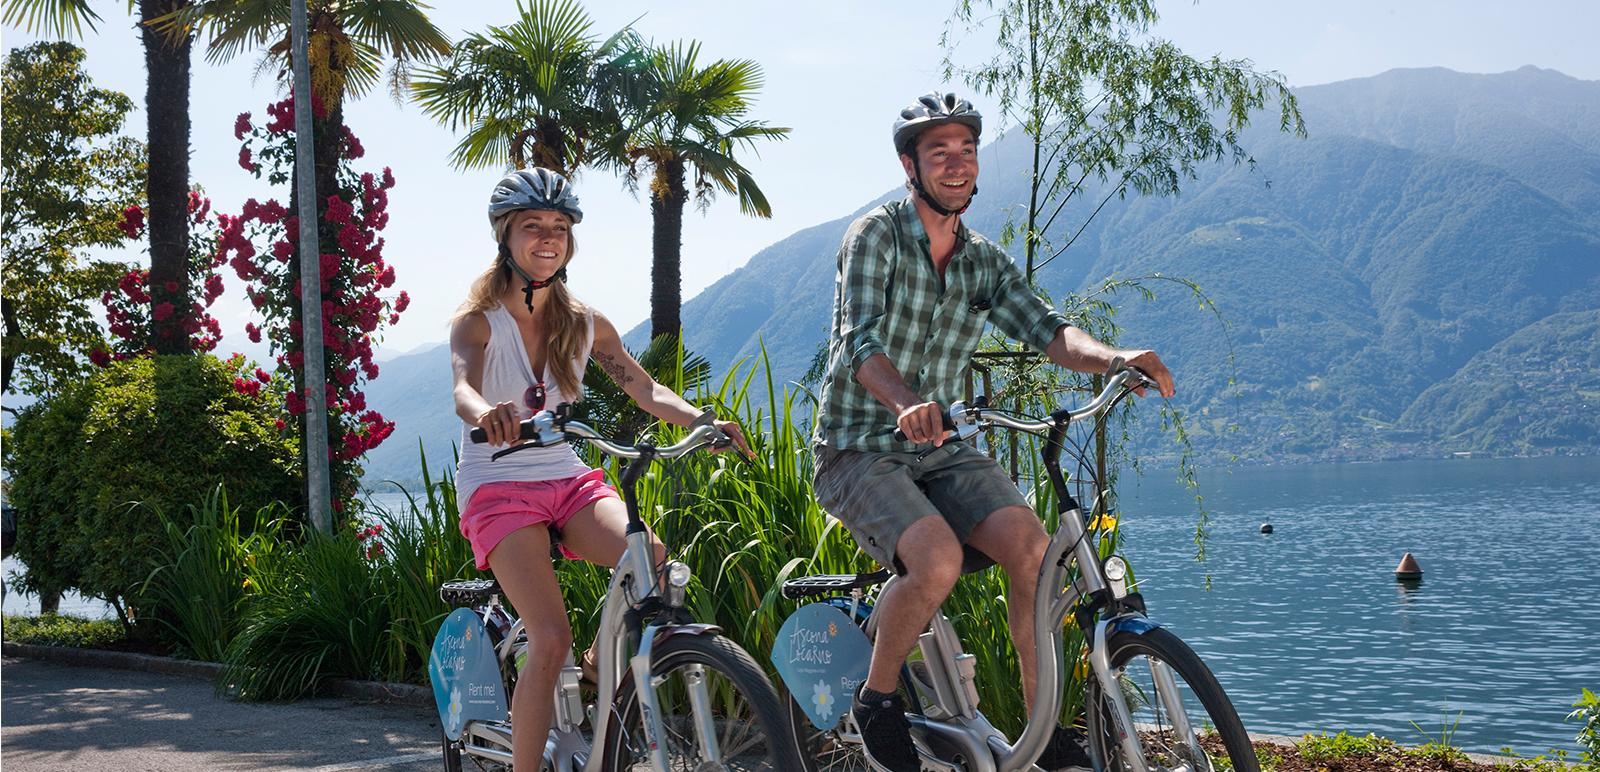 E-Bike-Fahrer am Lago Maggiore im Tessin